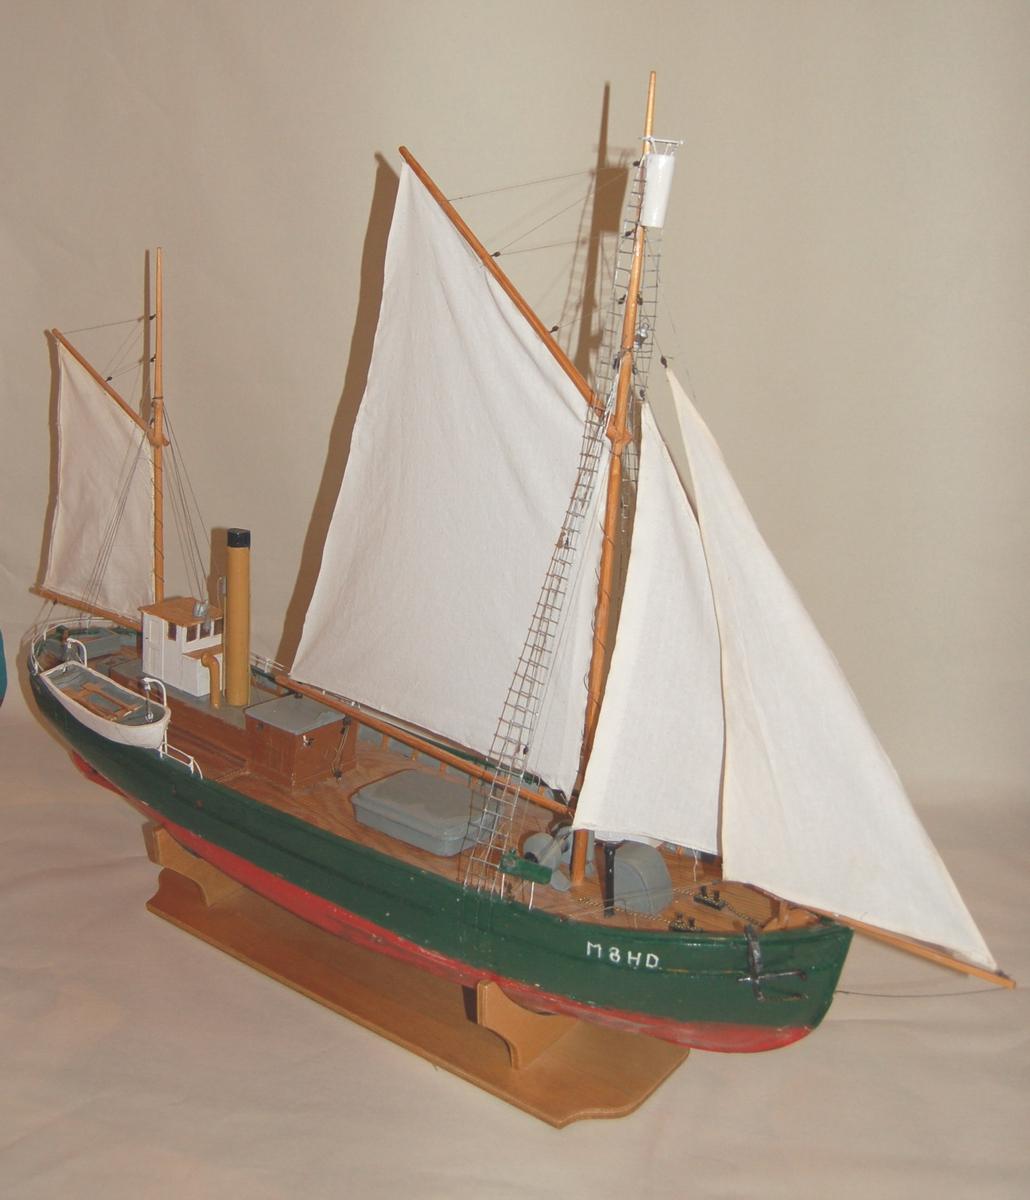 """Modellen er en kopi selfangstskuta """"Aarvakl"""". Den var bygd i tre og med isklasse for ferdsel i arktiske områder. Modellen har full seilføring og utkikstønne i formasten."""